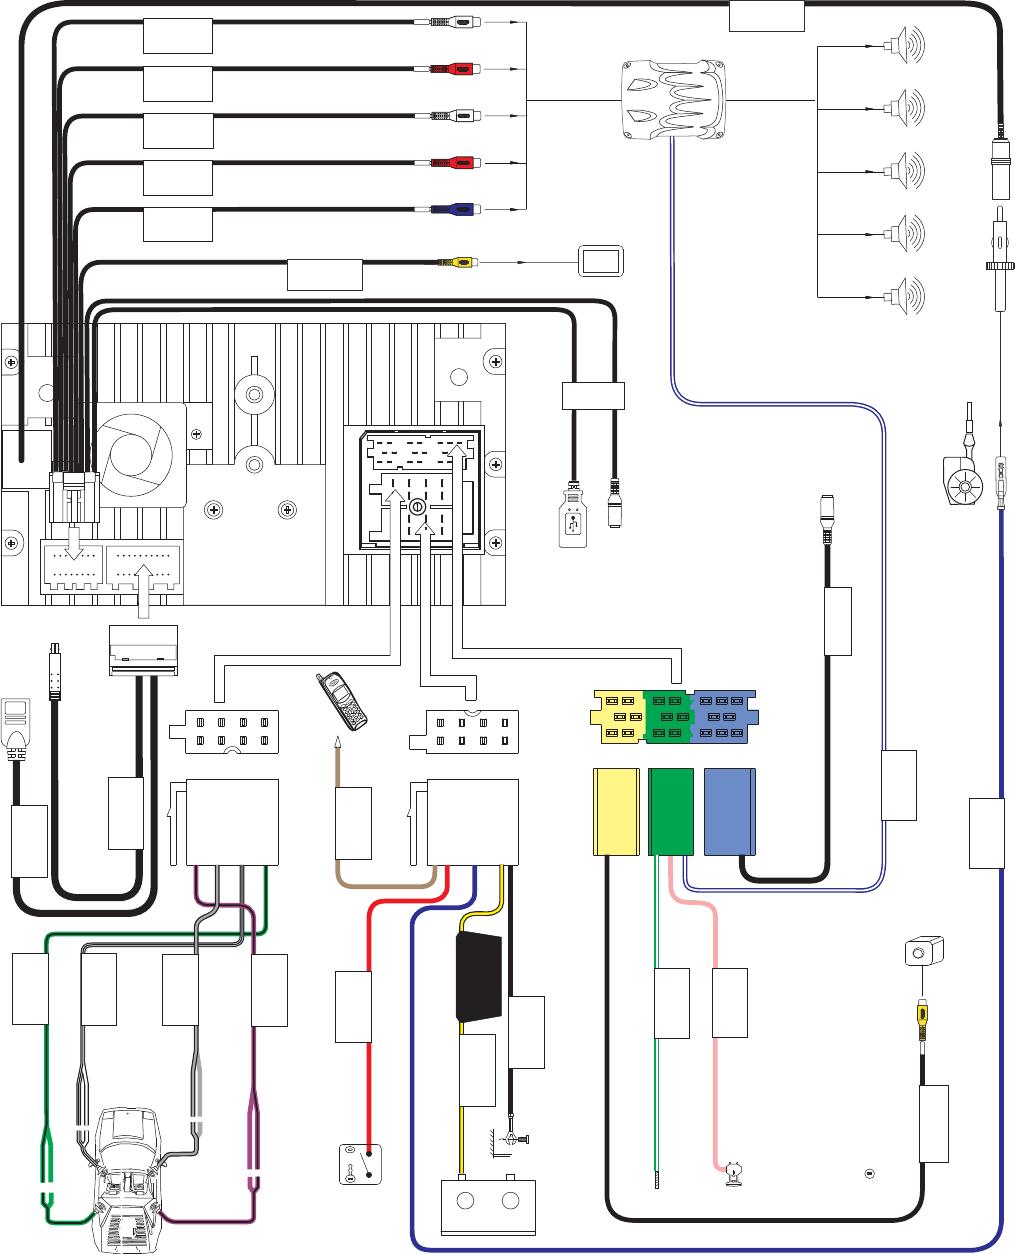 jensen vm9224 wiring diagram nemetas aufgegabelt info rh nemetas aufgegabelt info